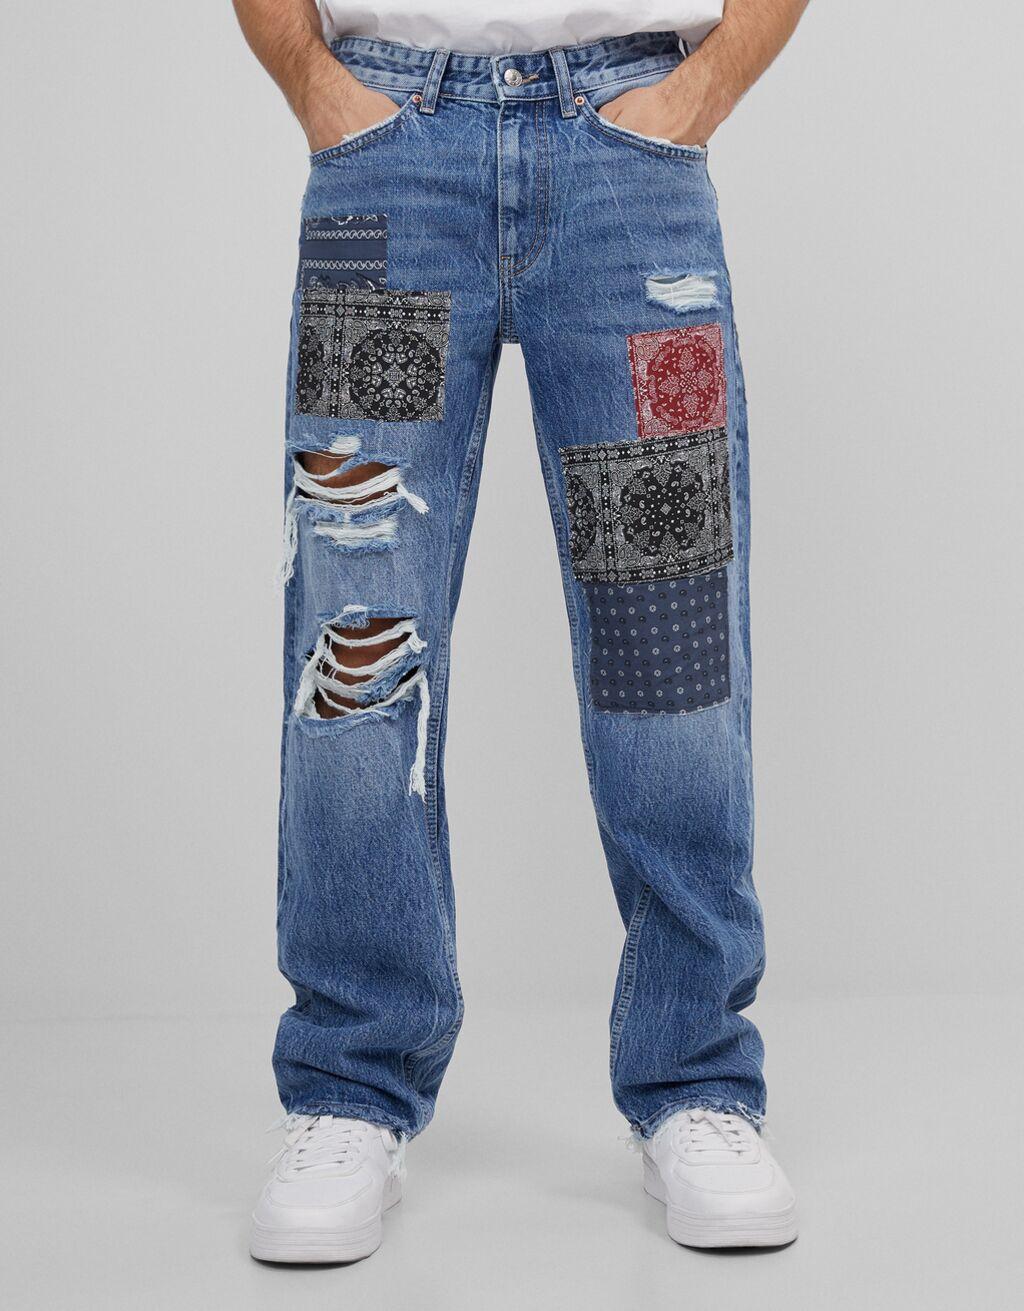 Jeans con efecto patchwork